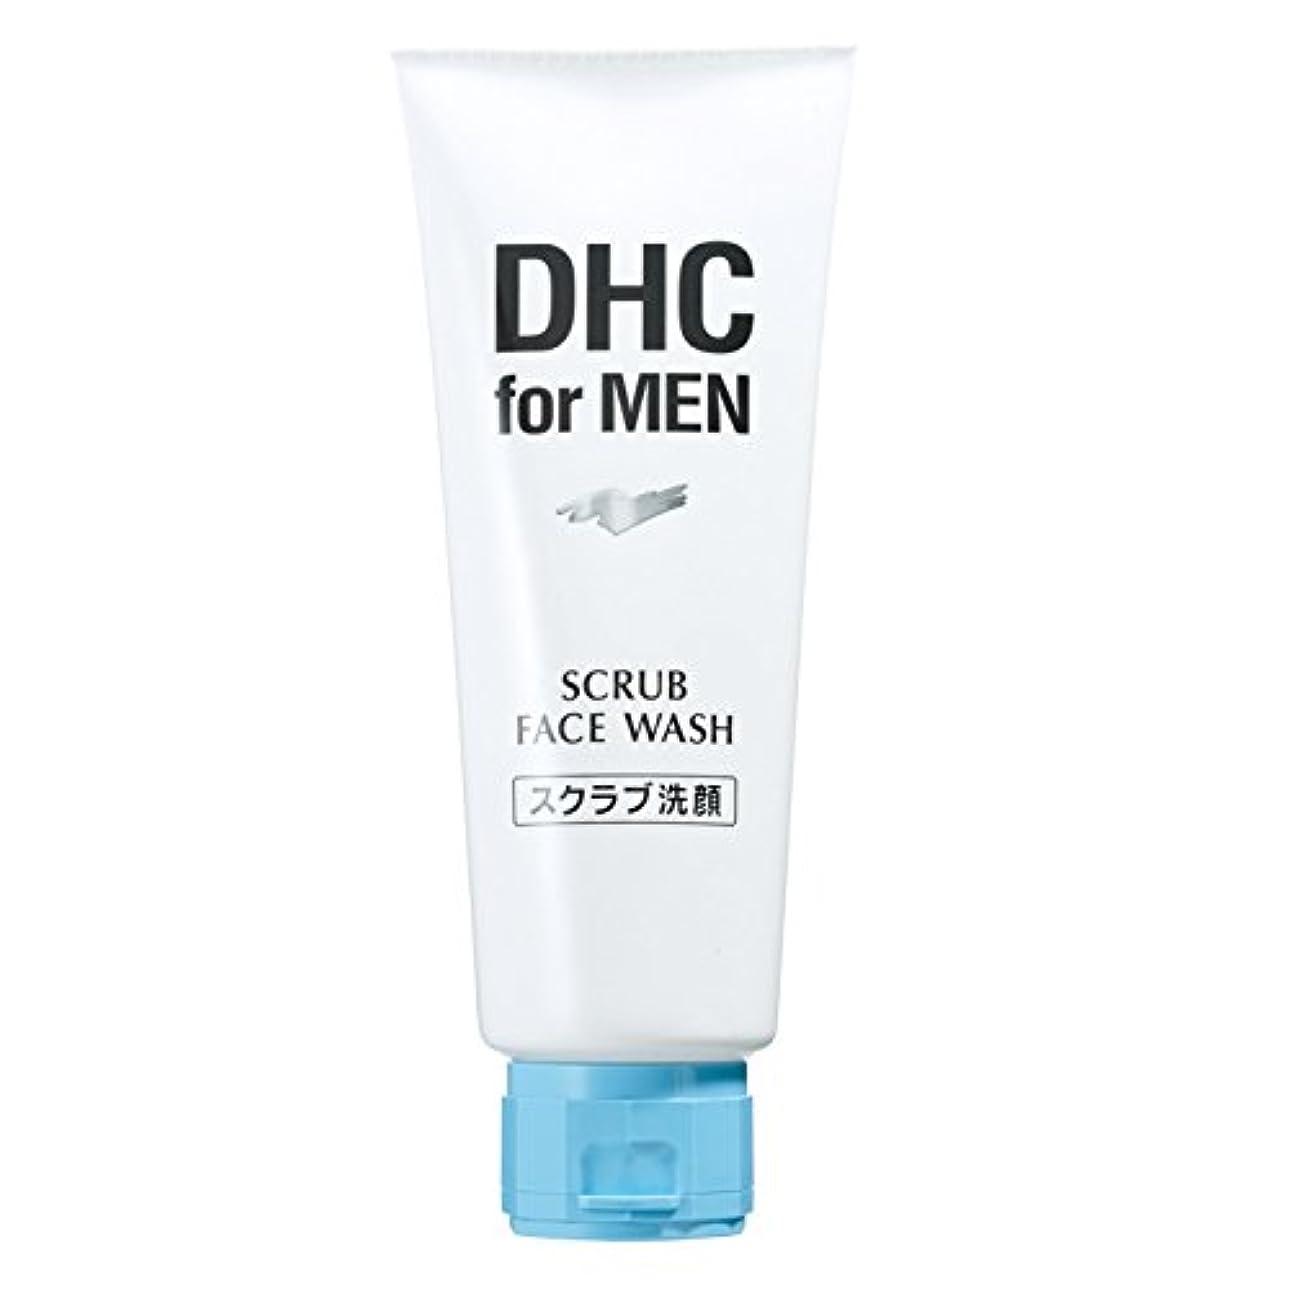 オーケストラ粉砕する満たすDHC スクラブ フェース ウォッシュ 【DHC for MEN】